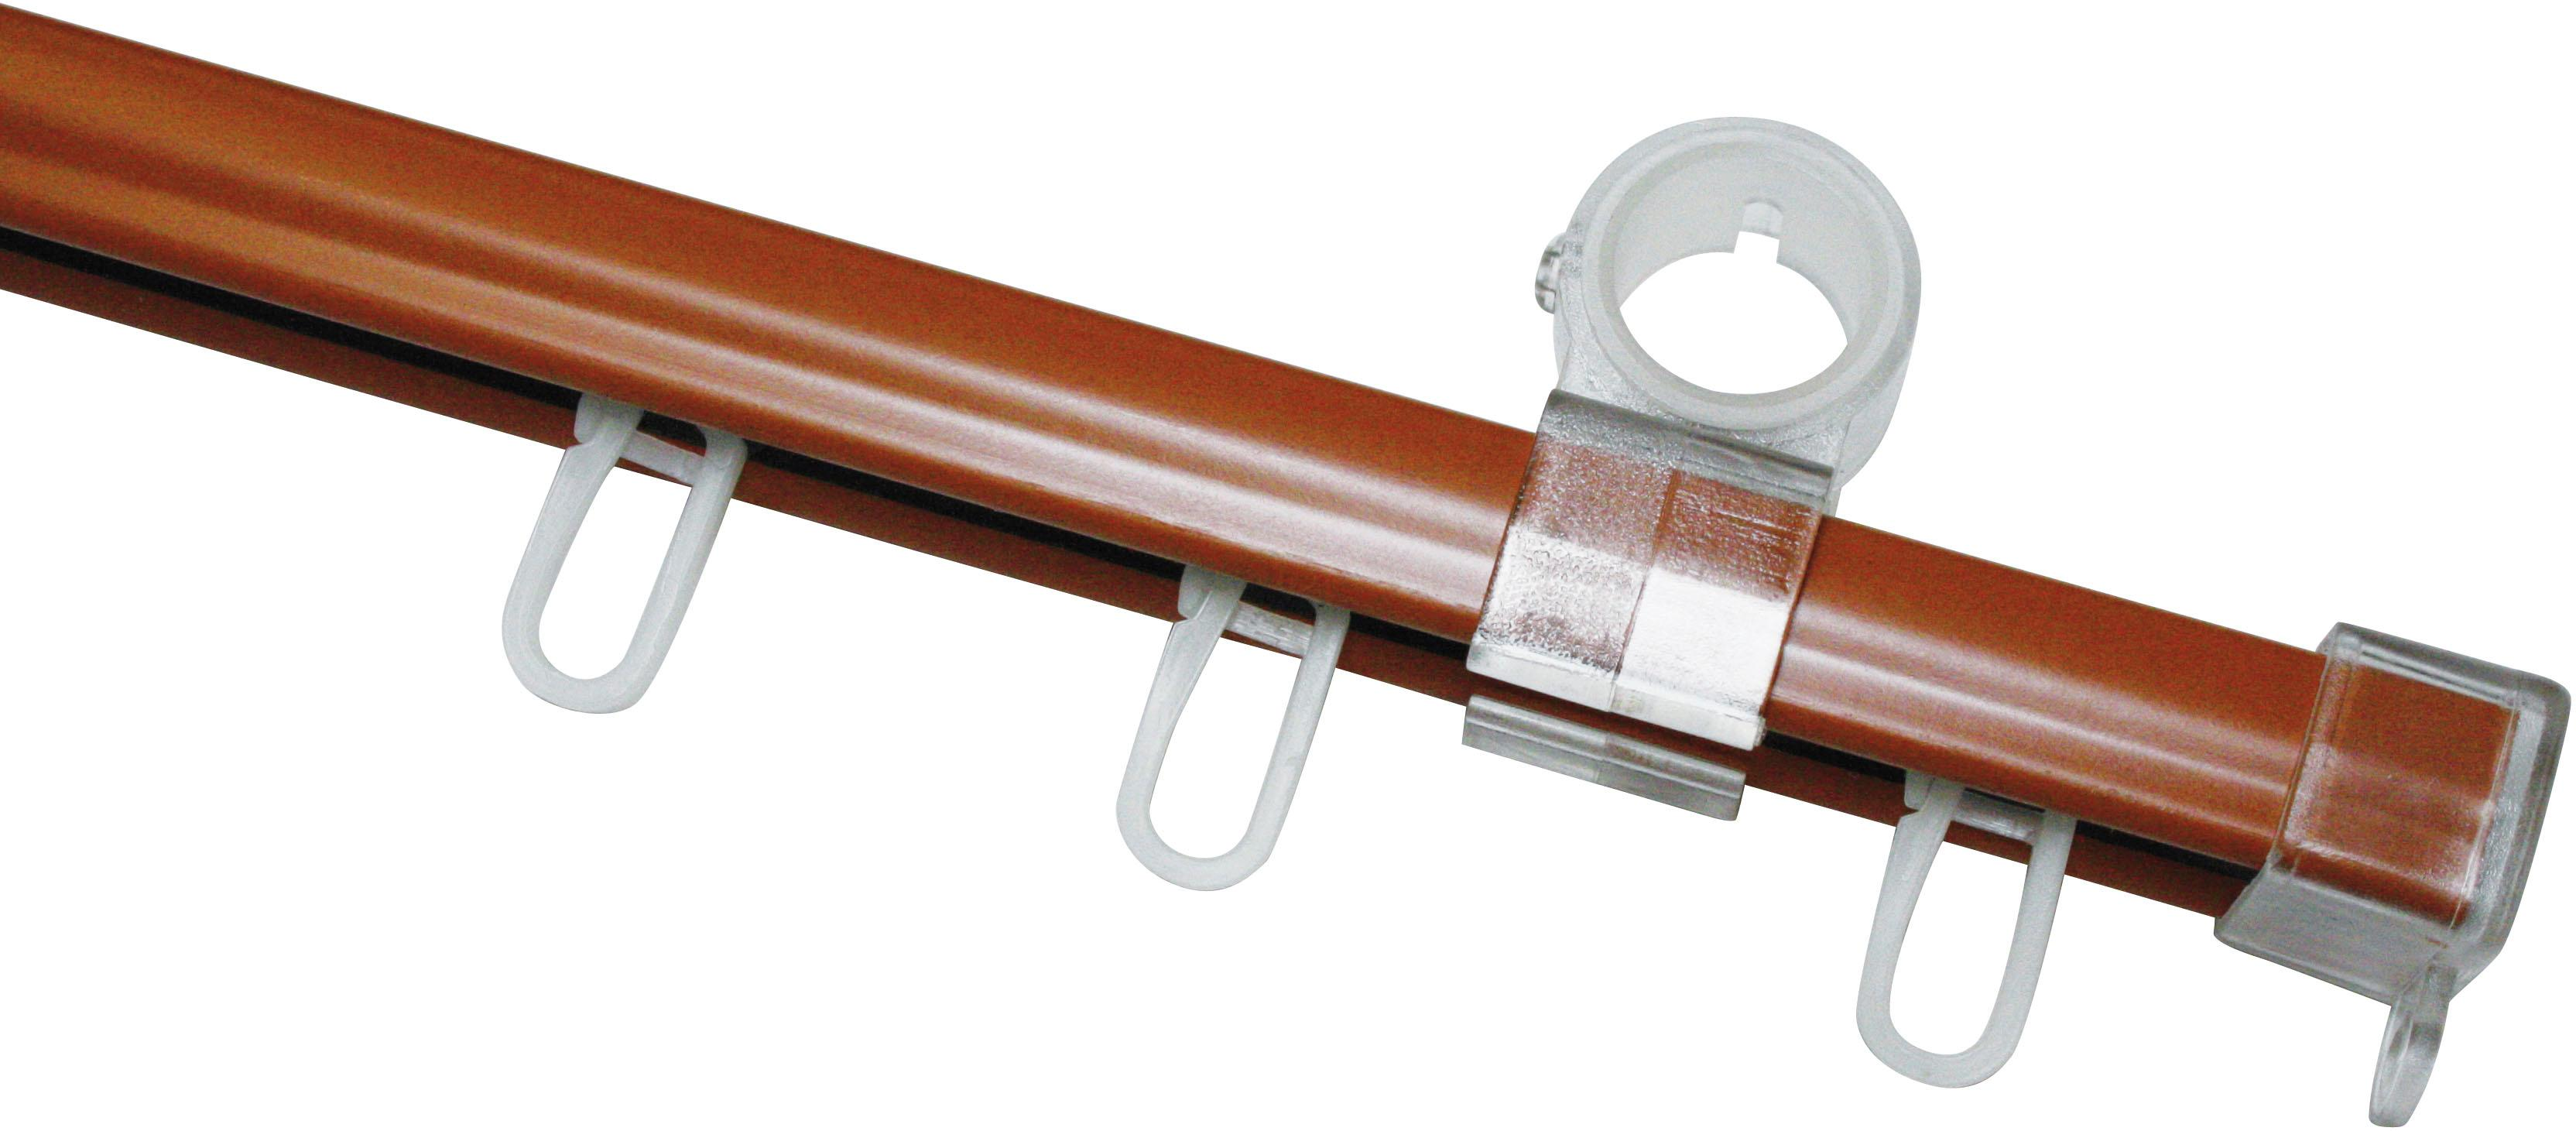 GARDINIA U-Schiene, 1 läufig-läufig, Fixmaß, komplett braun U-Schiene Gardinenschienen Gardinen Vorhänge